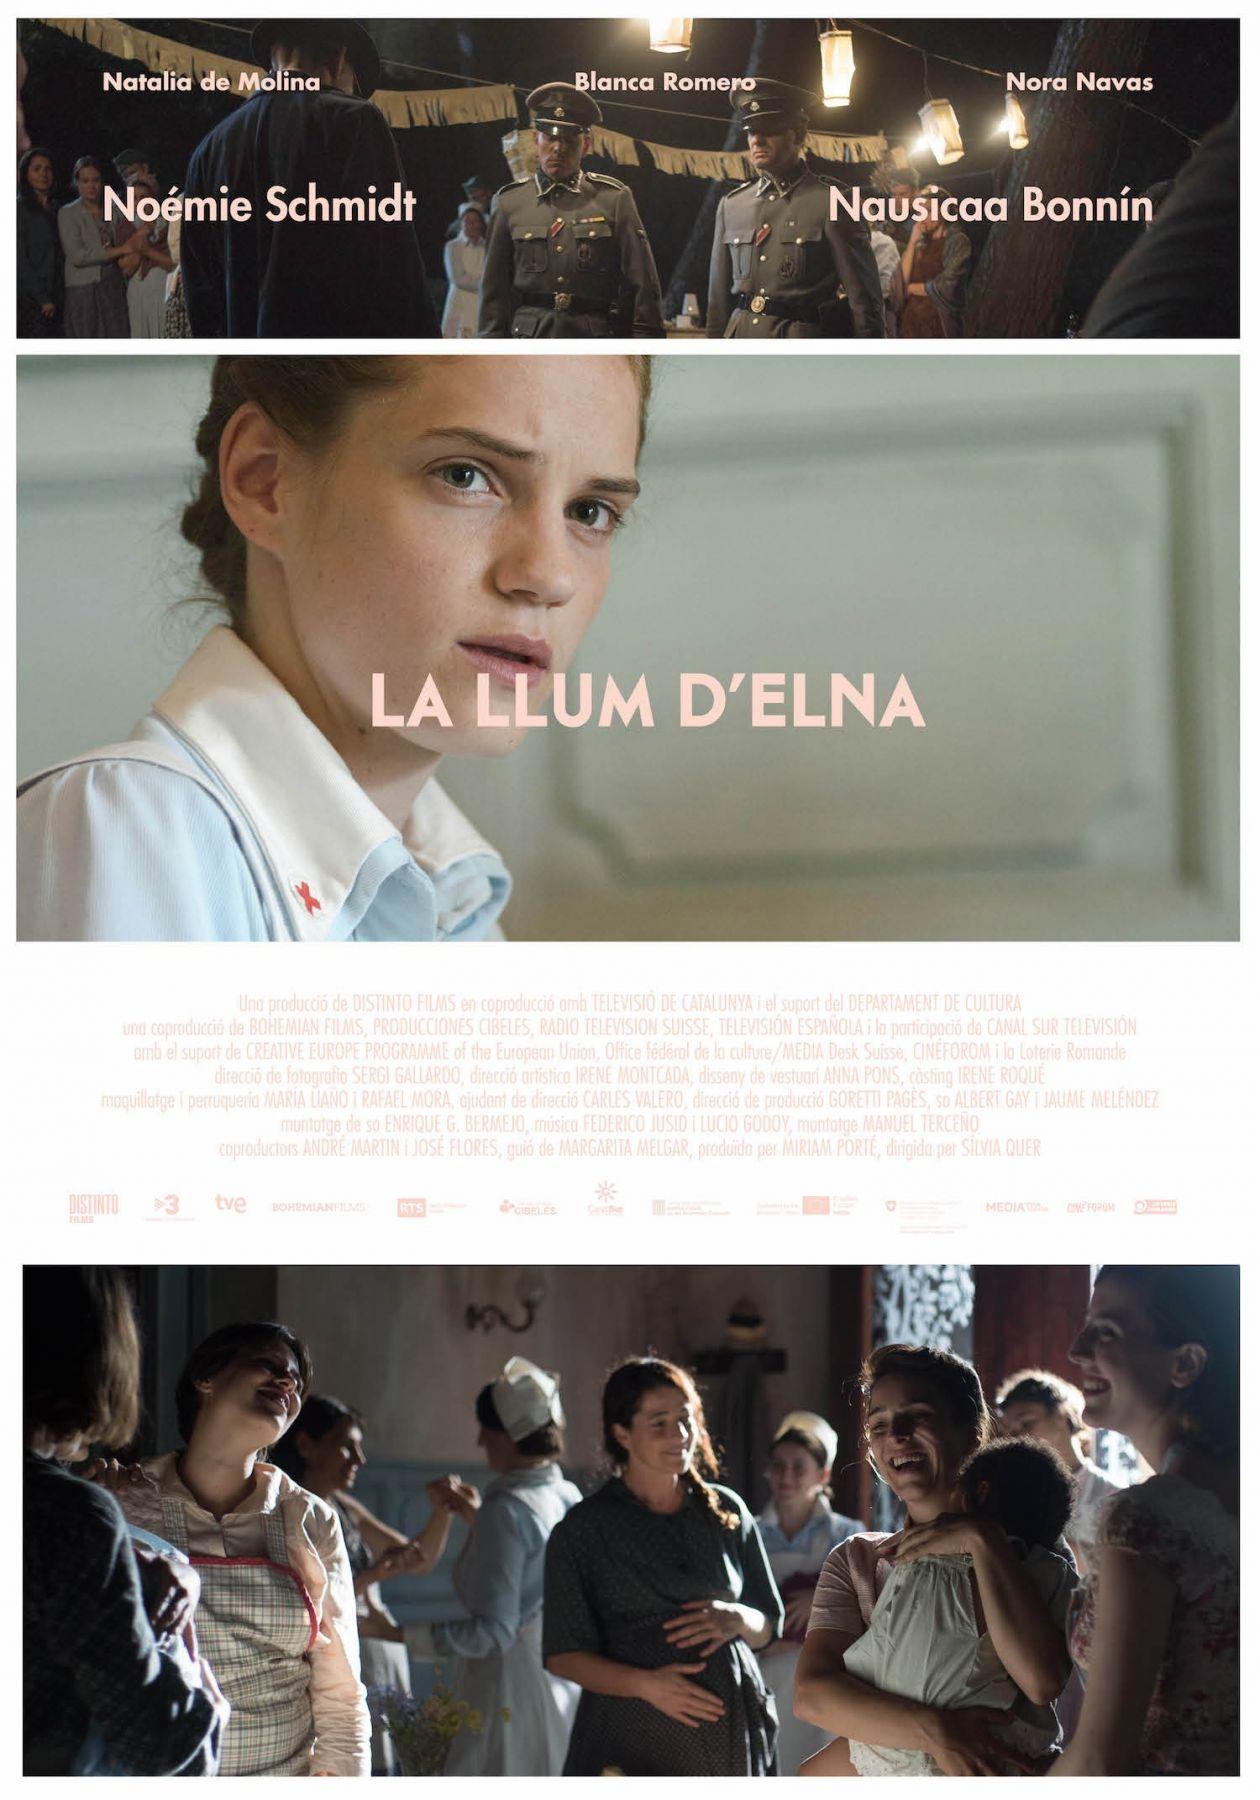 Noémie Schmidt actress actrice comédienne   La llum d'Elna / Sílvia Quer 2017 Movie Poster Affiche film